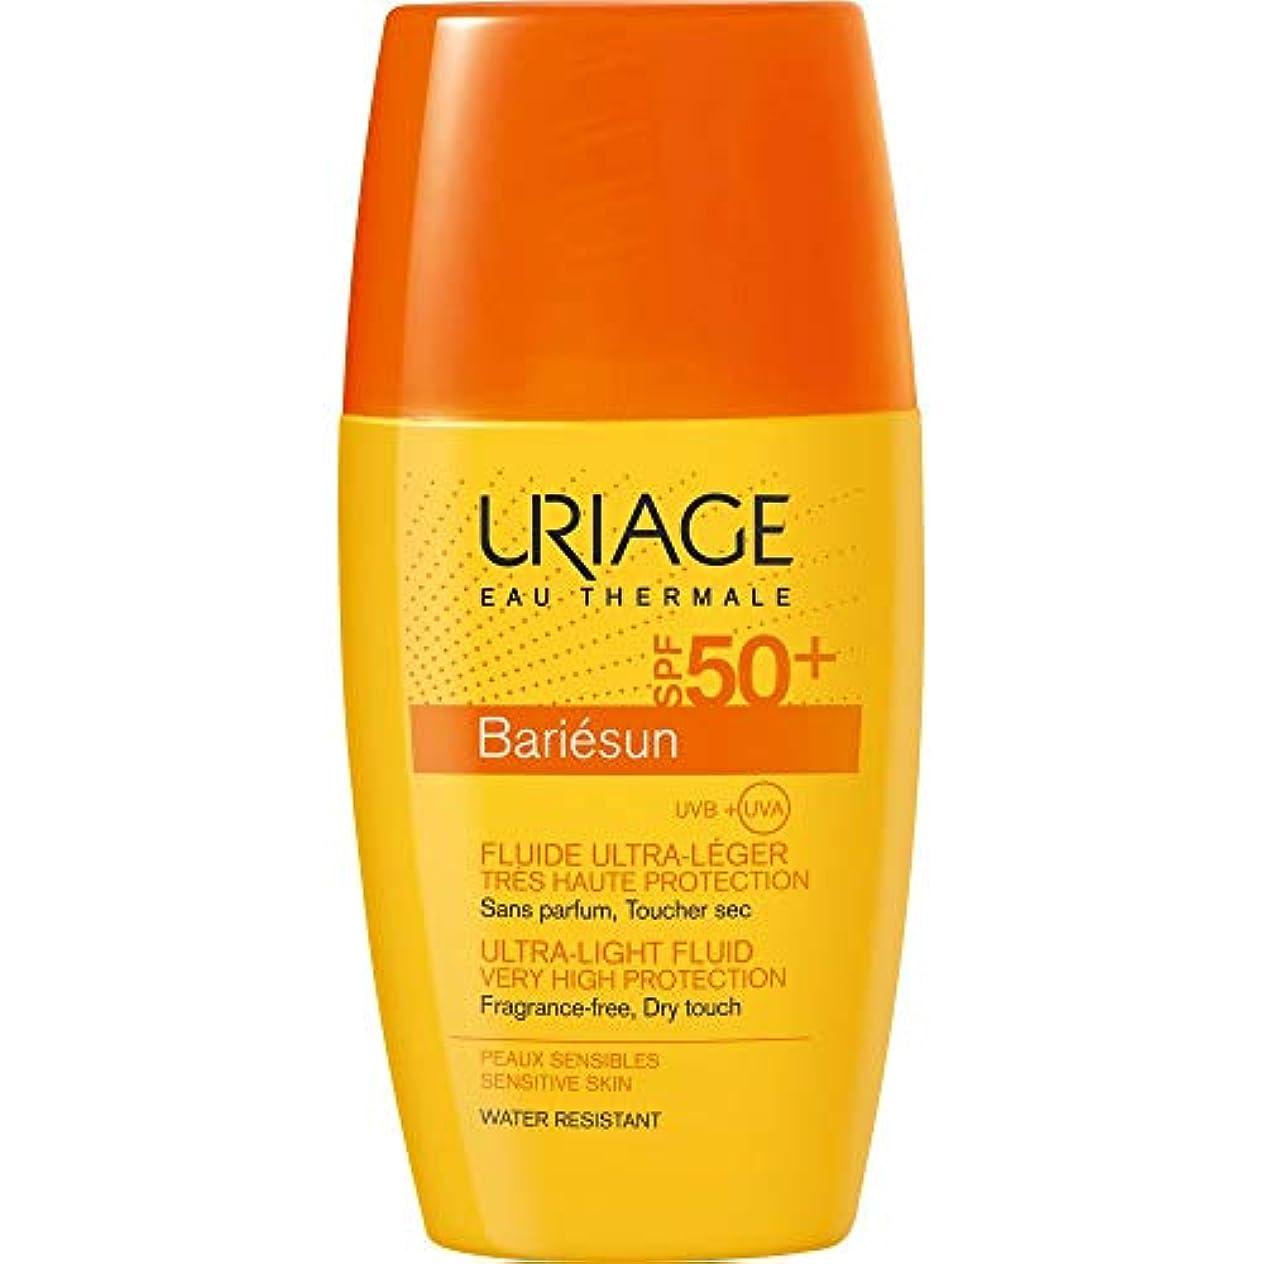 尊敬手書きベッドを作る[Uriage] Uriage Bariesun超軽量流体Spf50 + 30ミリリットル - Uriage Bariesun Ultra-Light Fluid SPF50+ 30ml [並行輸入品]